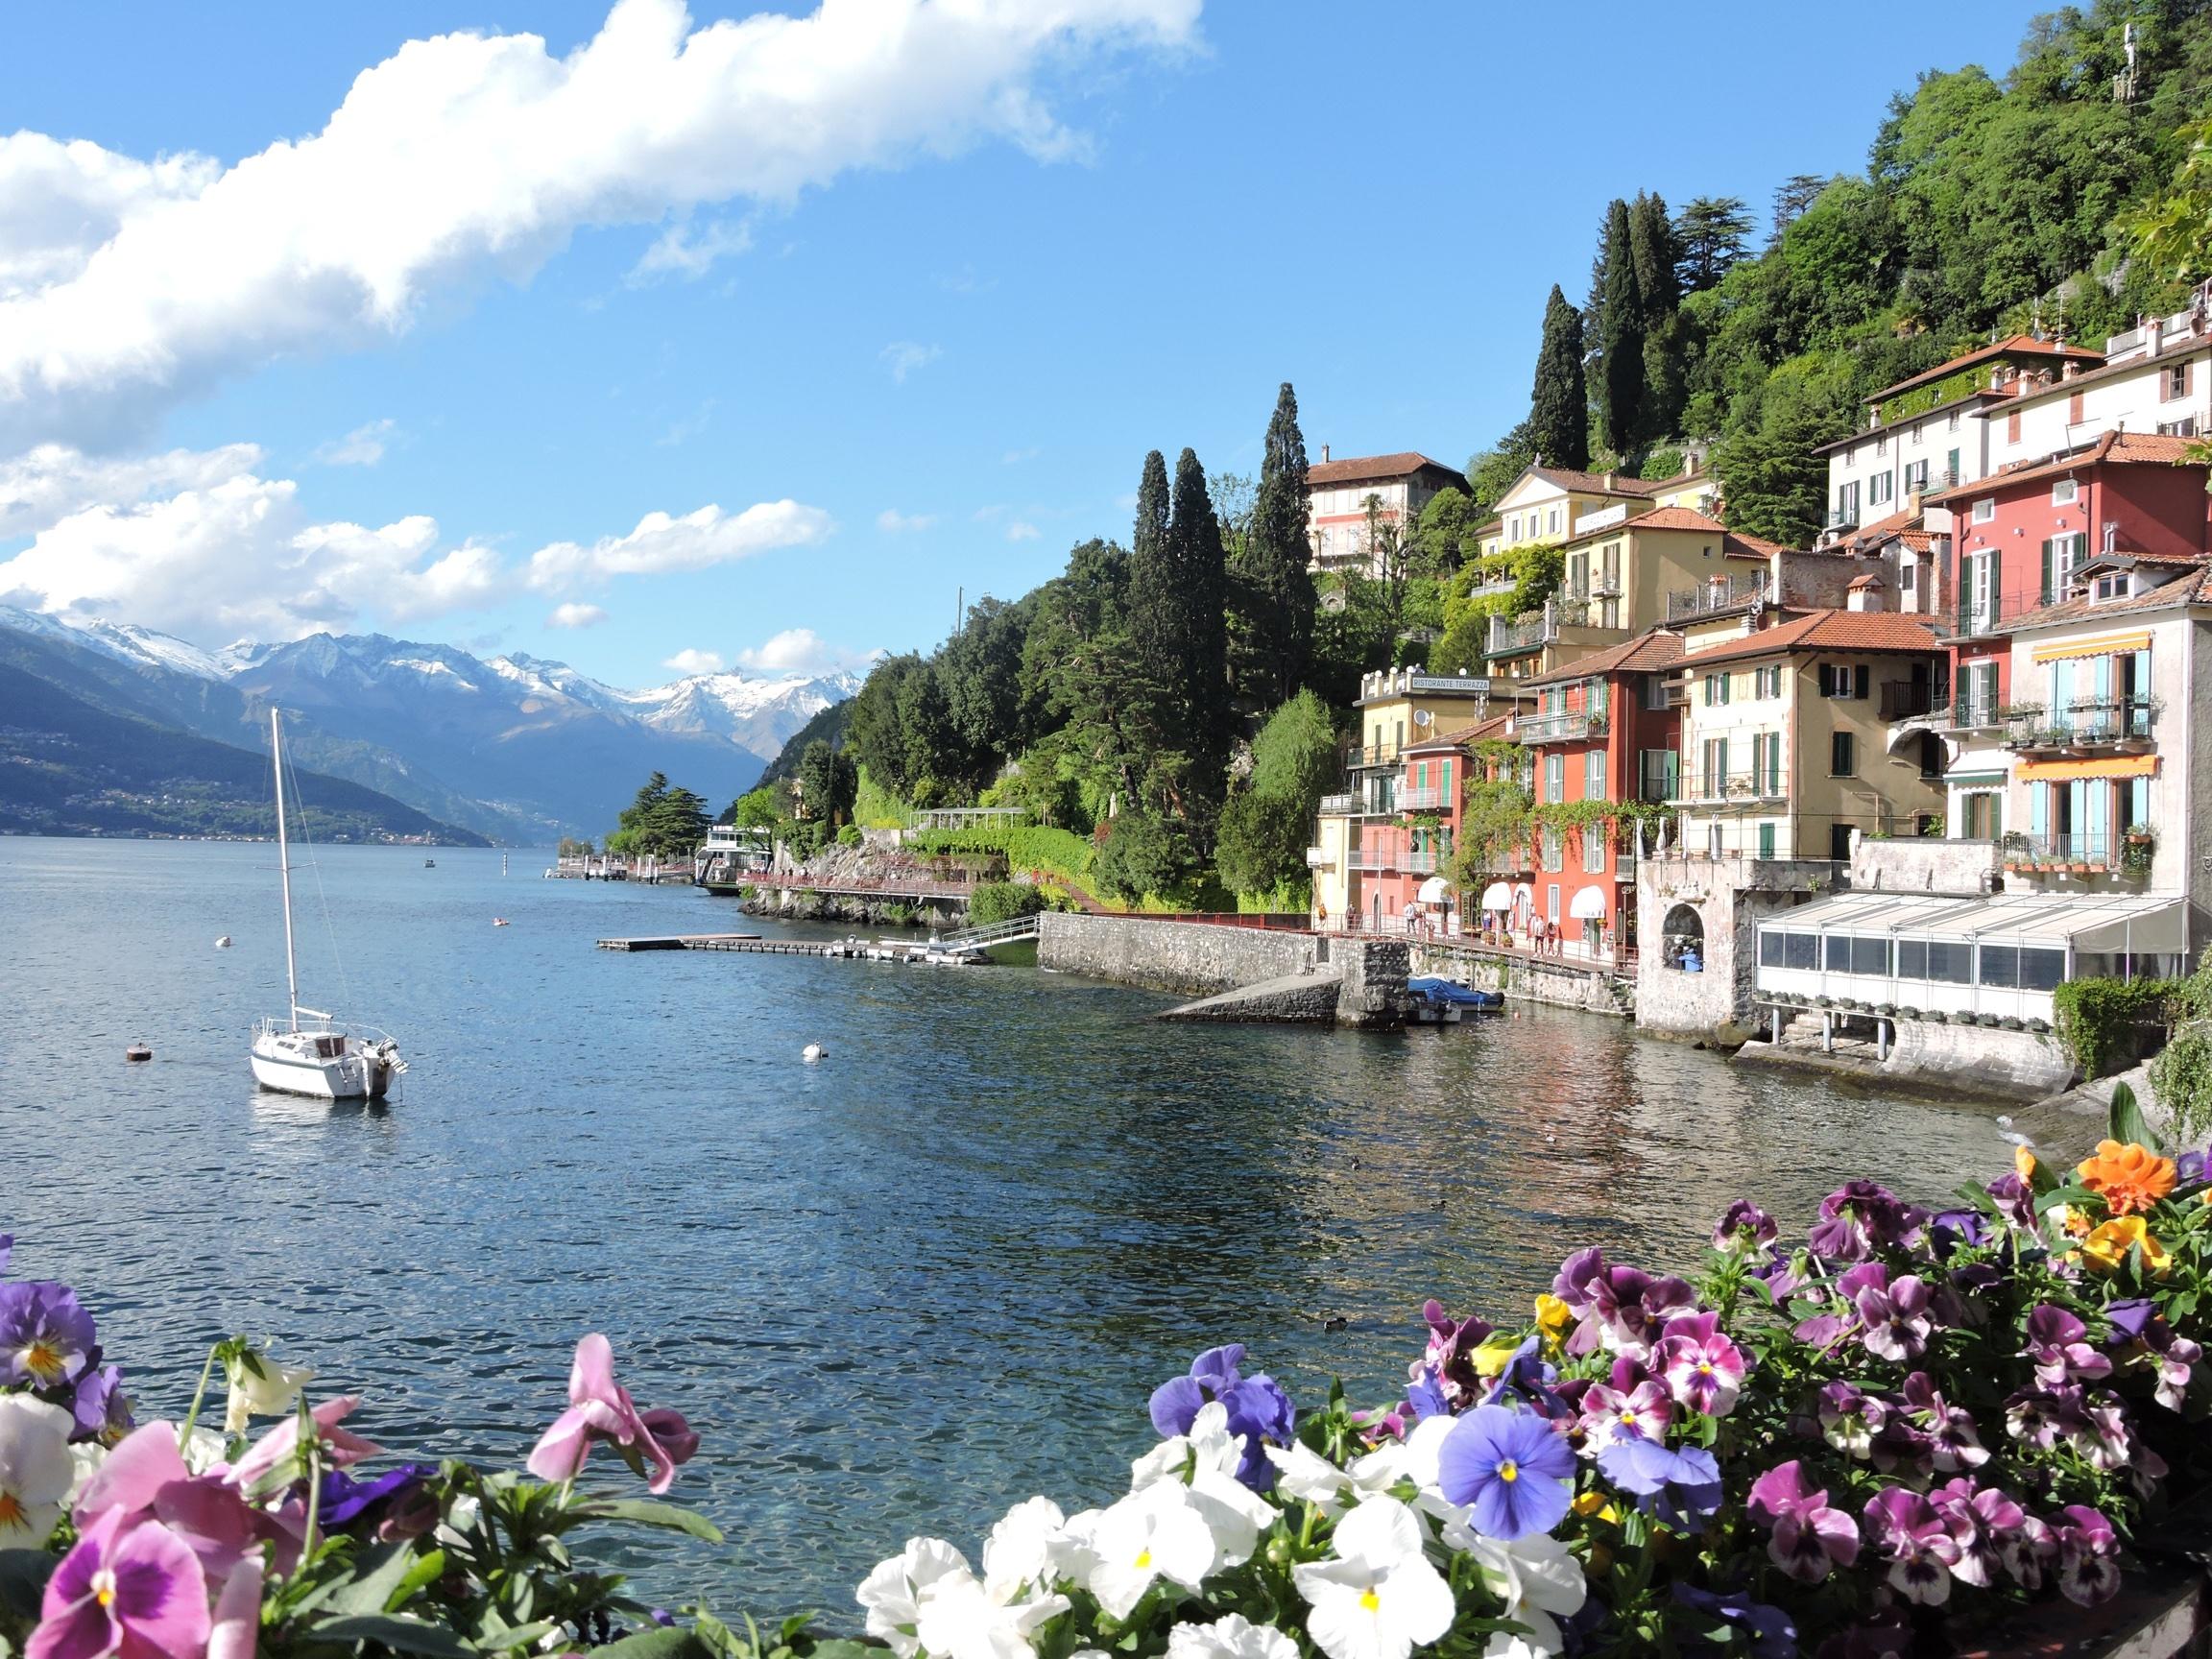 italy throughout ionian sea amalfi coast and lake como